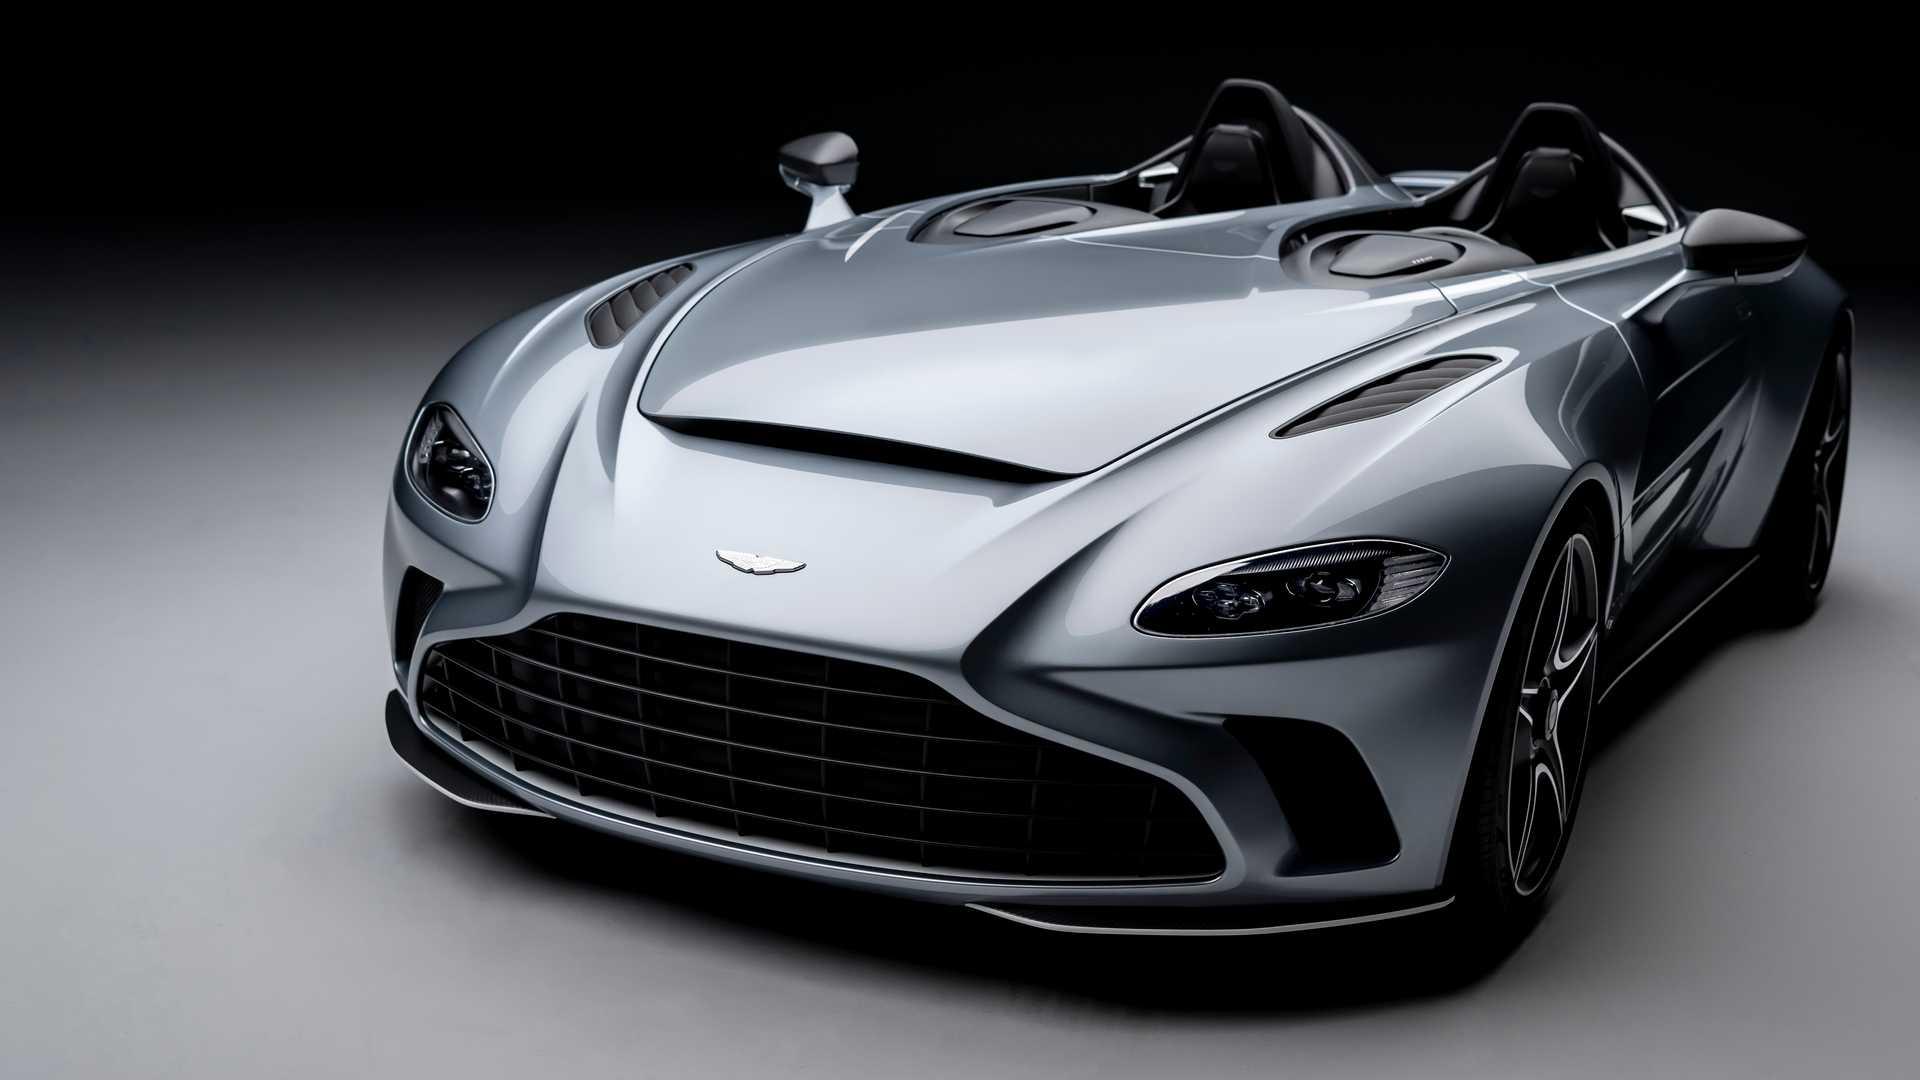 Суперкар Aston Martin без крыши и окон разгонится до 300 километров в час 1